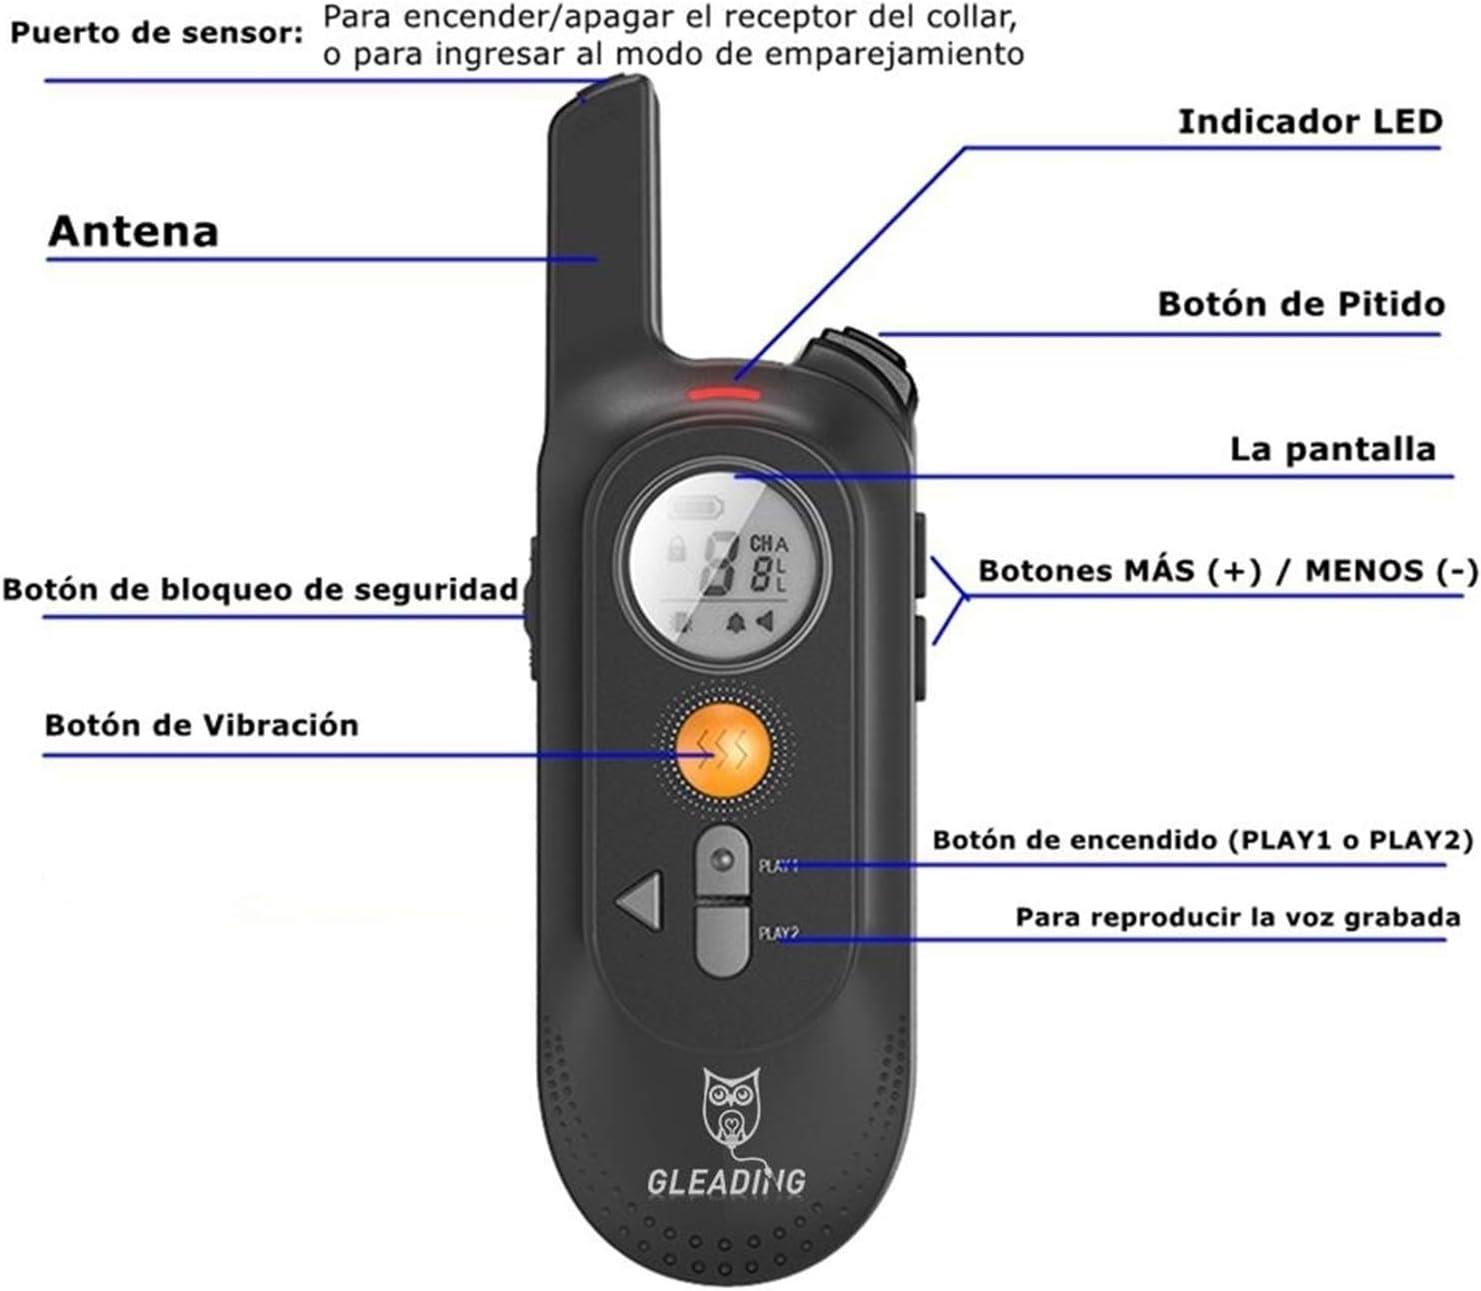 GLEADING Collar de Adiestramiento para Perros Recargable con Rango de 700 Metros con Función de Grabación de Voz/Comando, Pitido de Alerta y Modo de ...